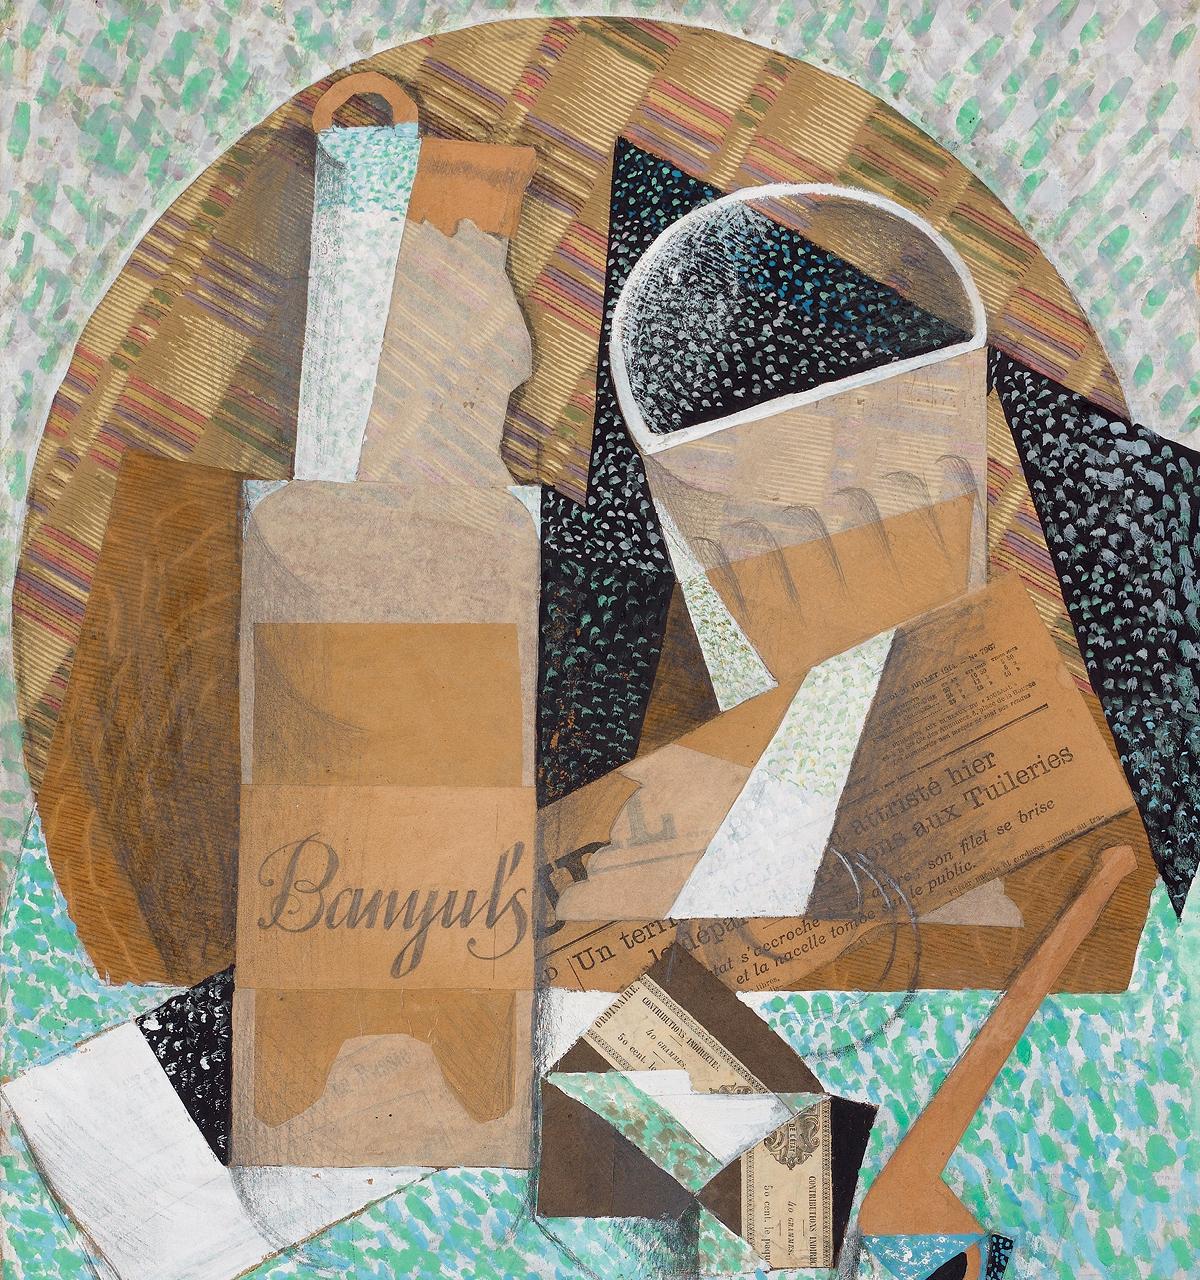 cubism_detailpage_1200x1280_091919